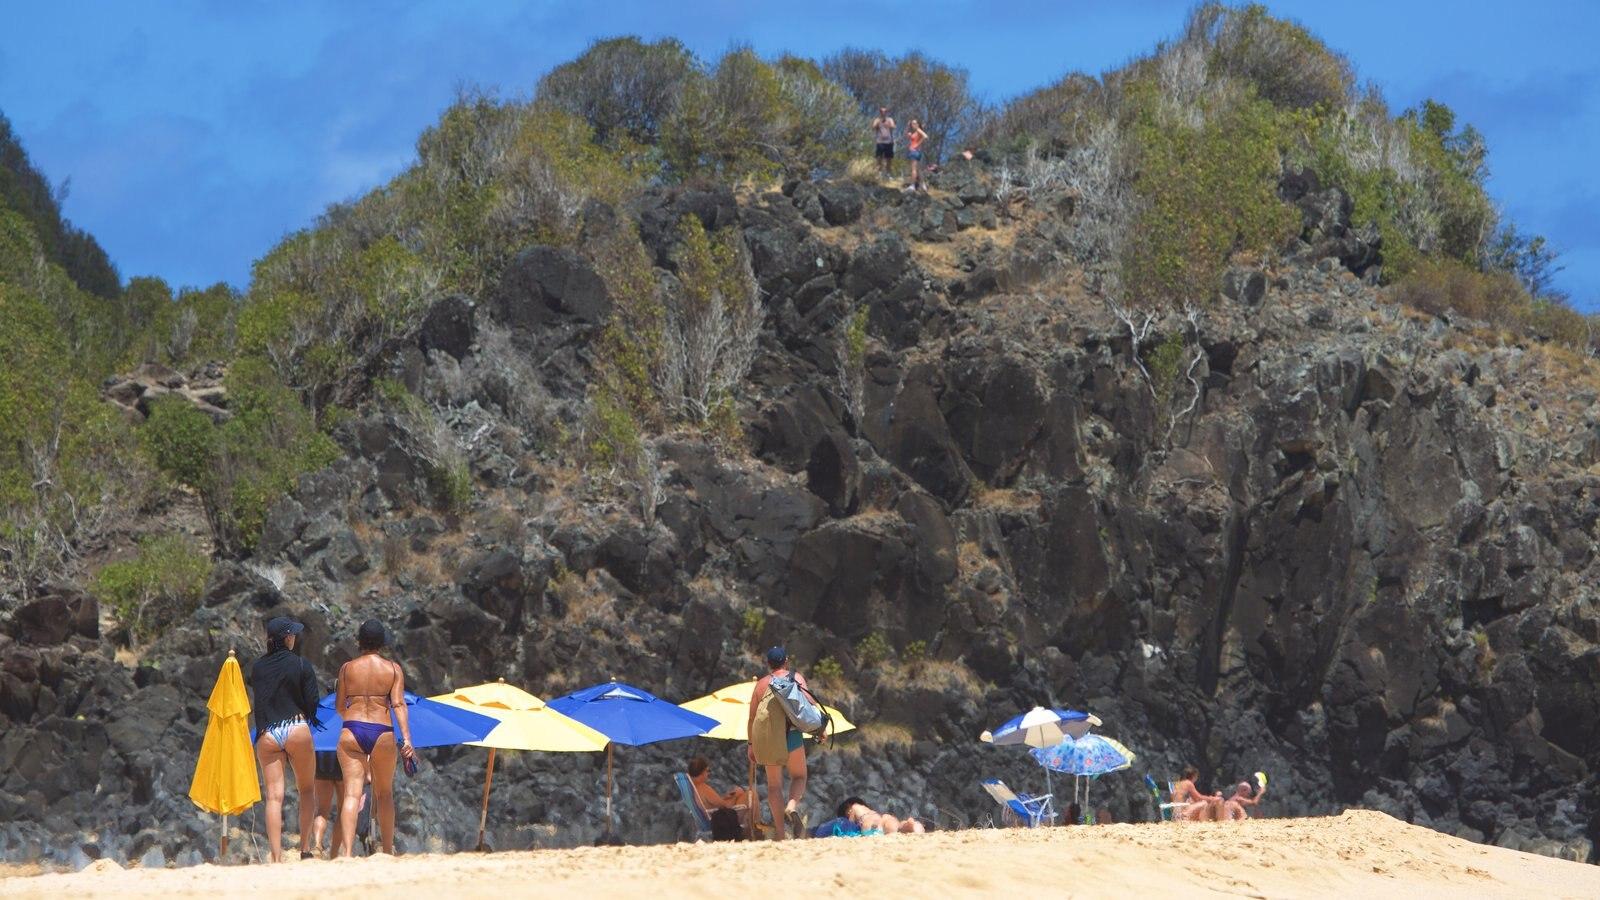 Praia Cacimba do Padre caracterizando paisagens litorâneas e litoral rochoso assim como um pequeno grupo de pessoas